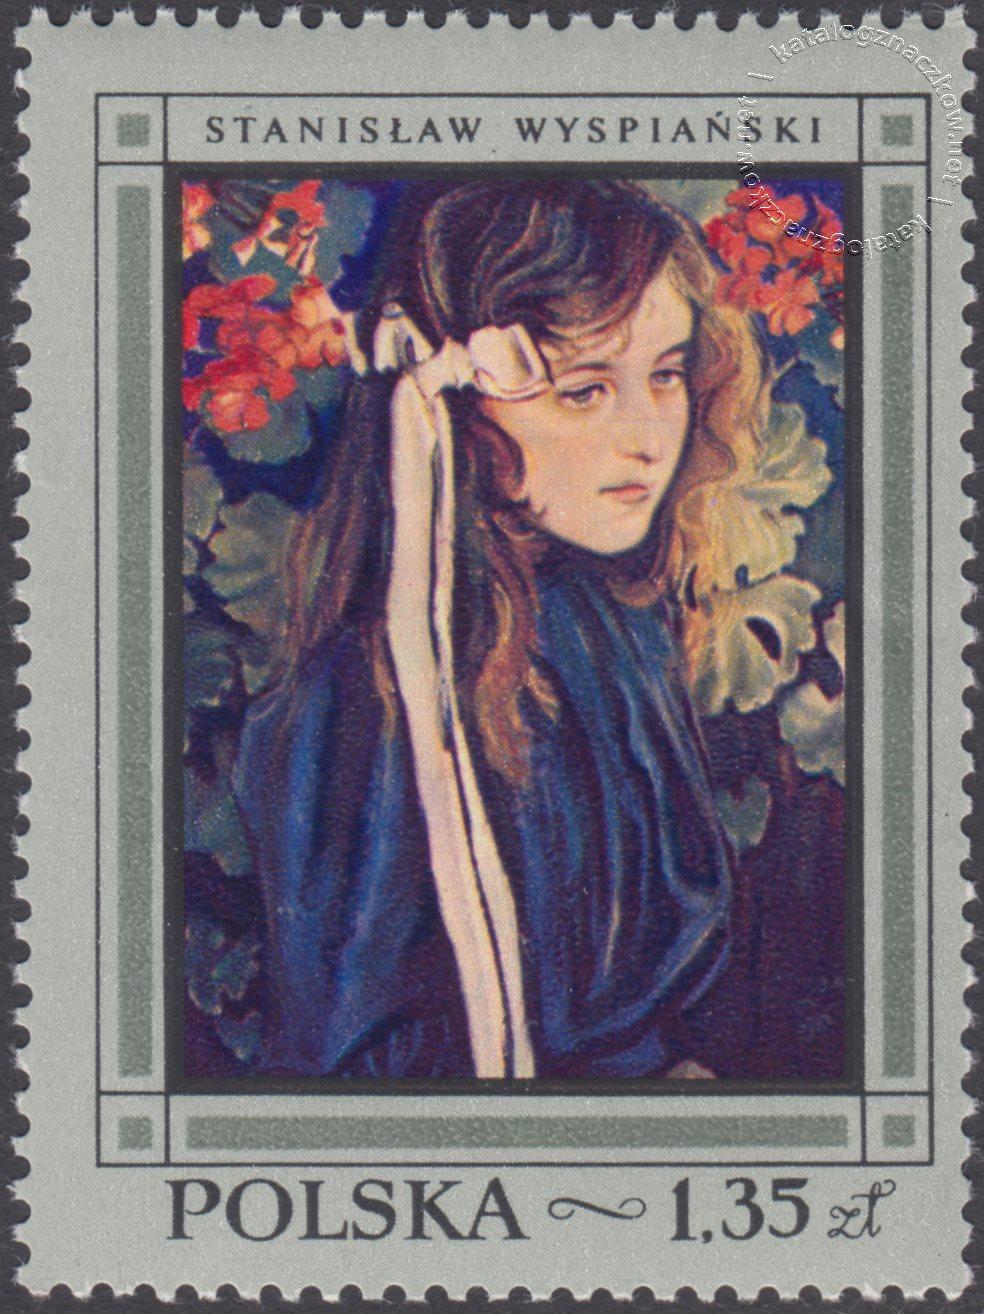 Malarstwo polskie znaczek nr 1720